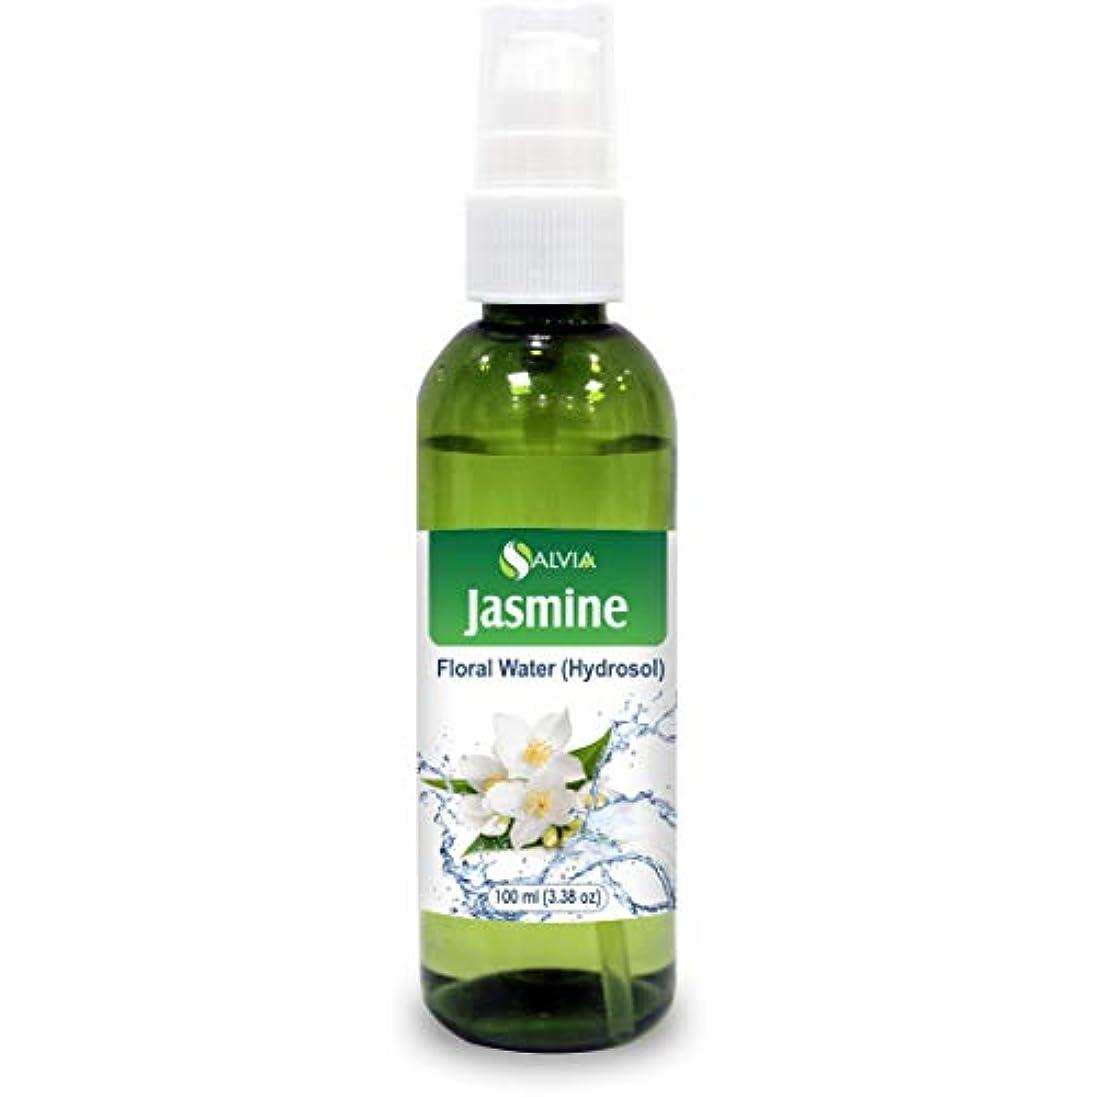 事故類推皿Jasmine Floral Water 100ml (Hydrosol) 100% Pure And Natural